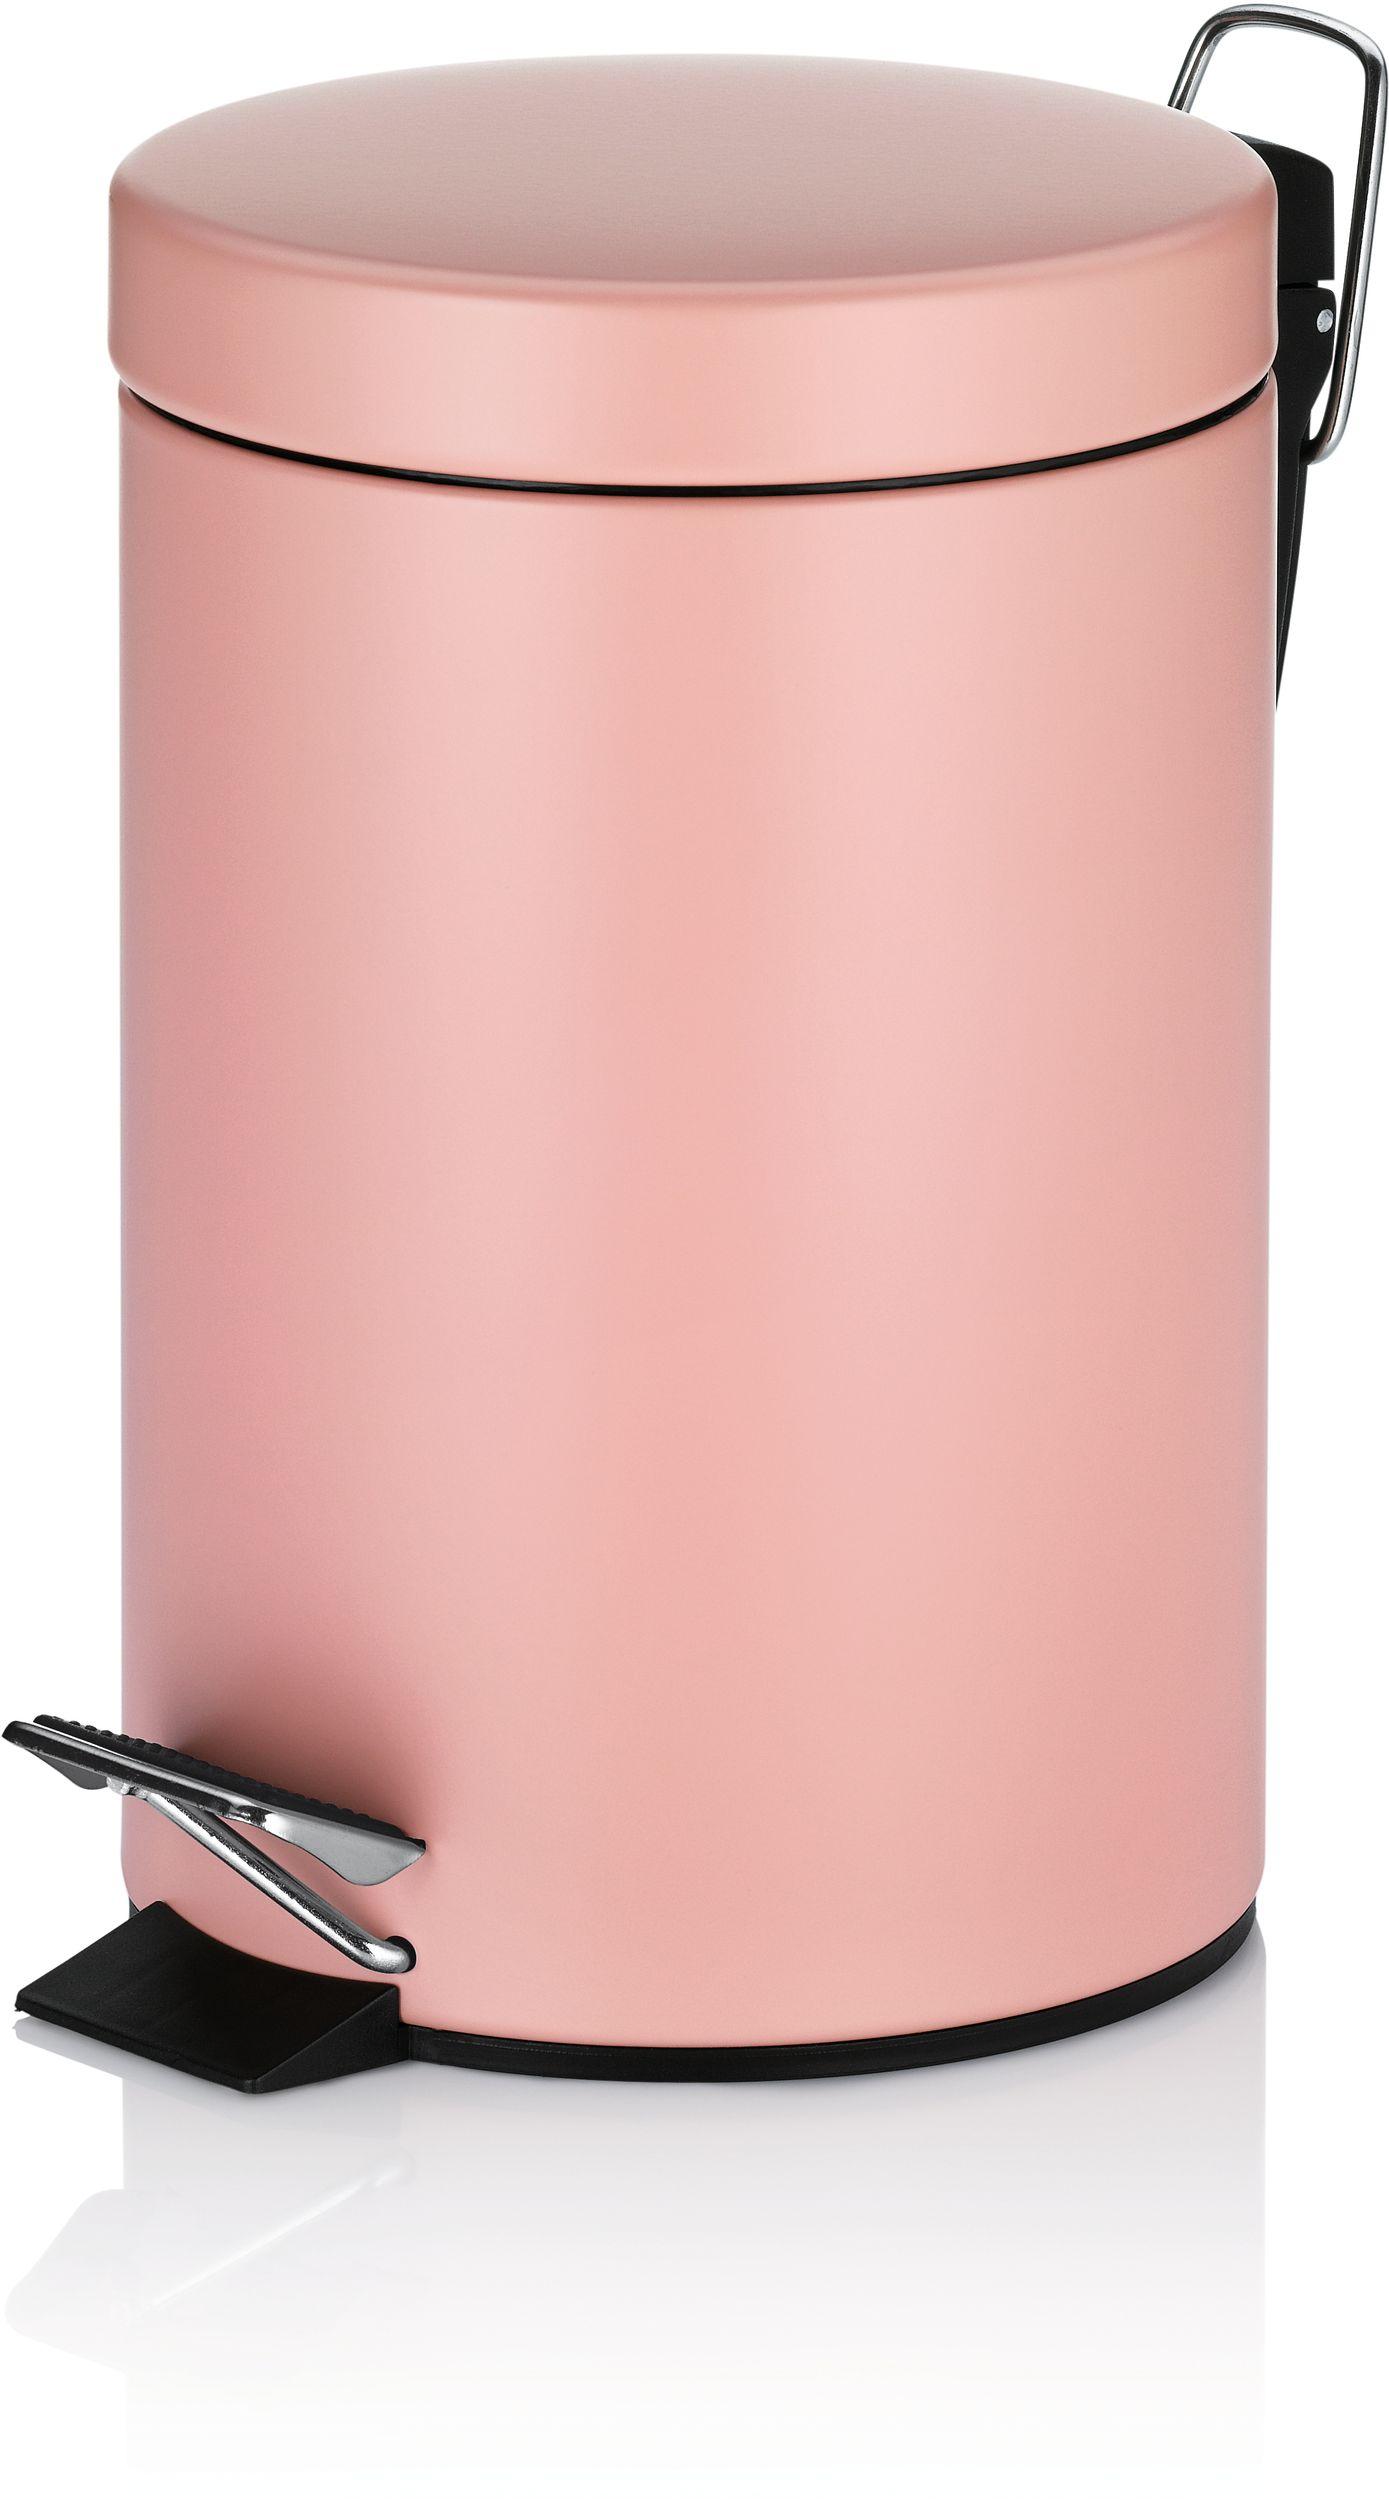 Kosmetikeimer, 3L MONACO ROSE